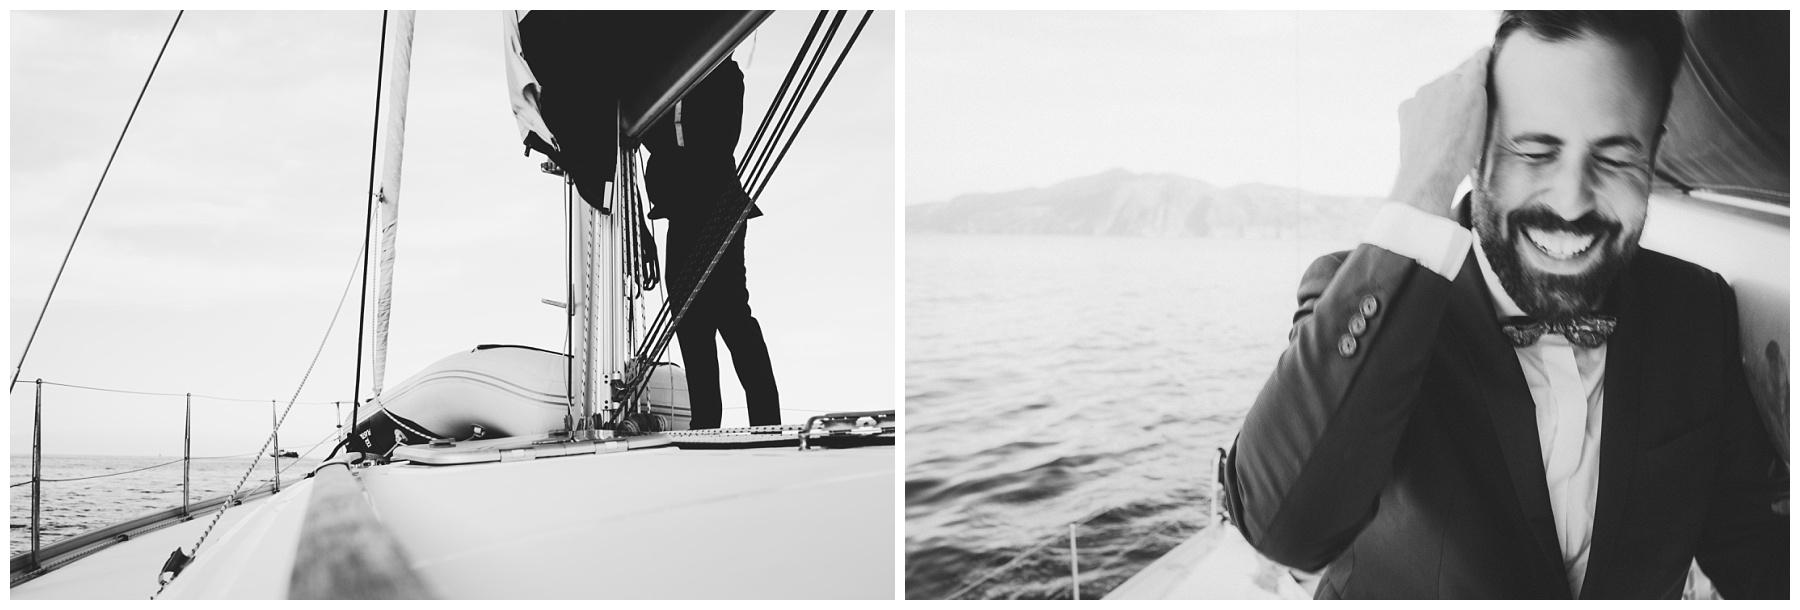 b&w photo on boat